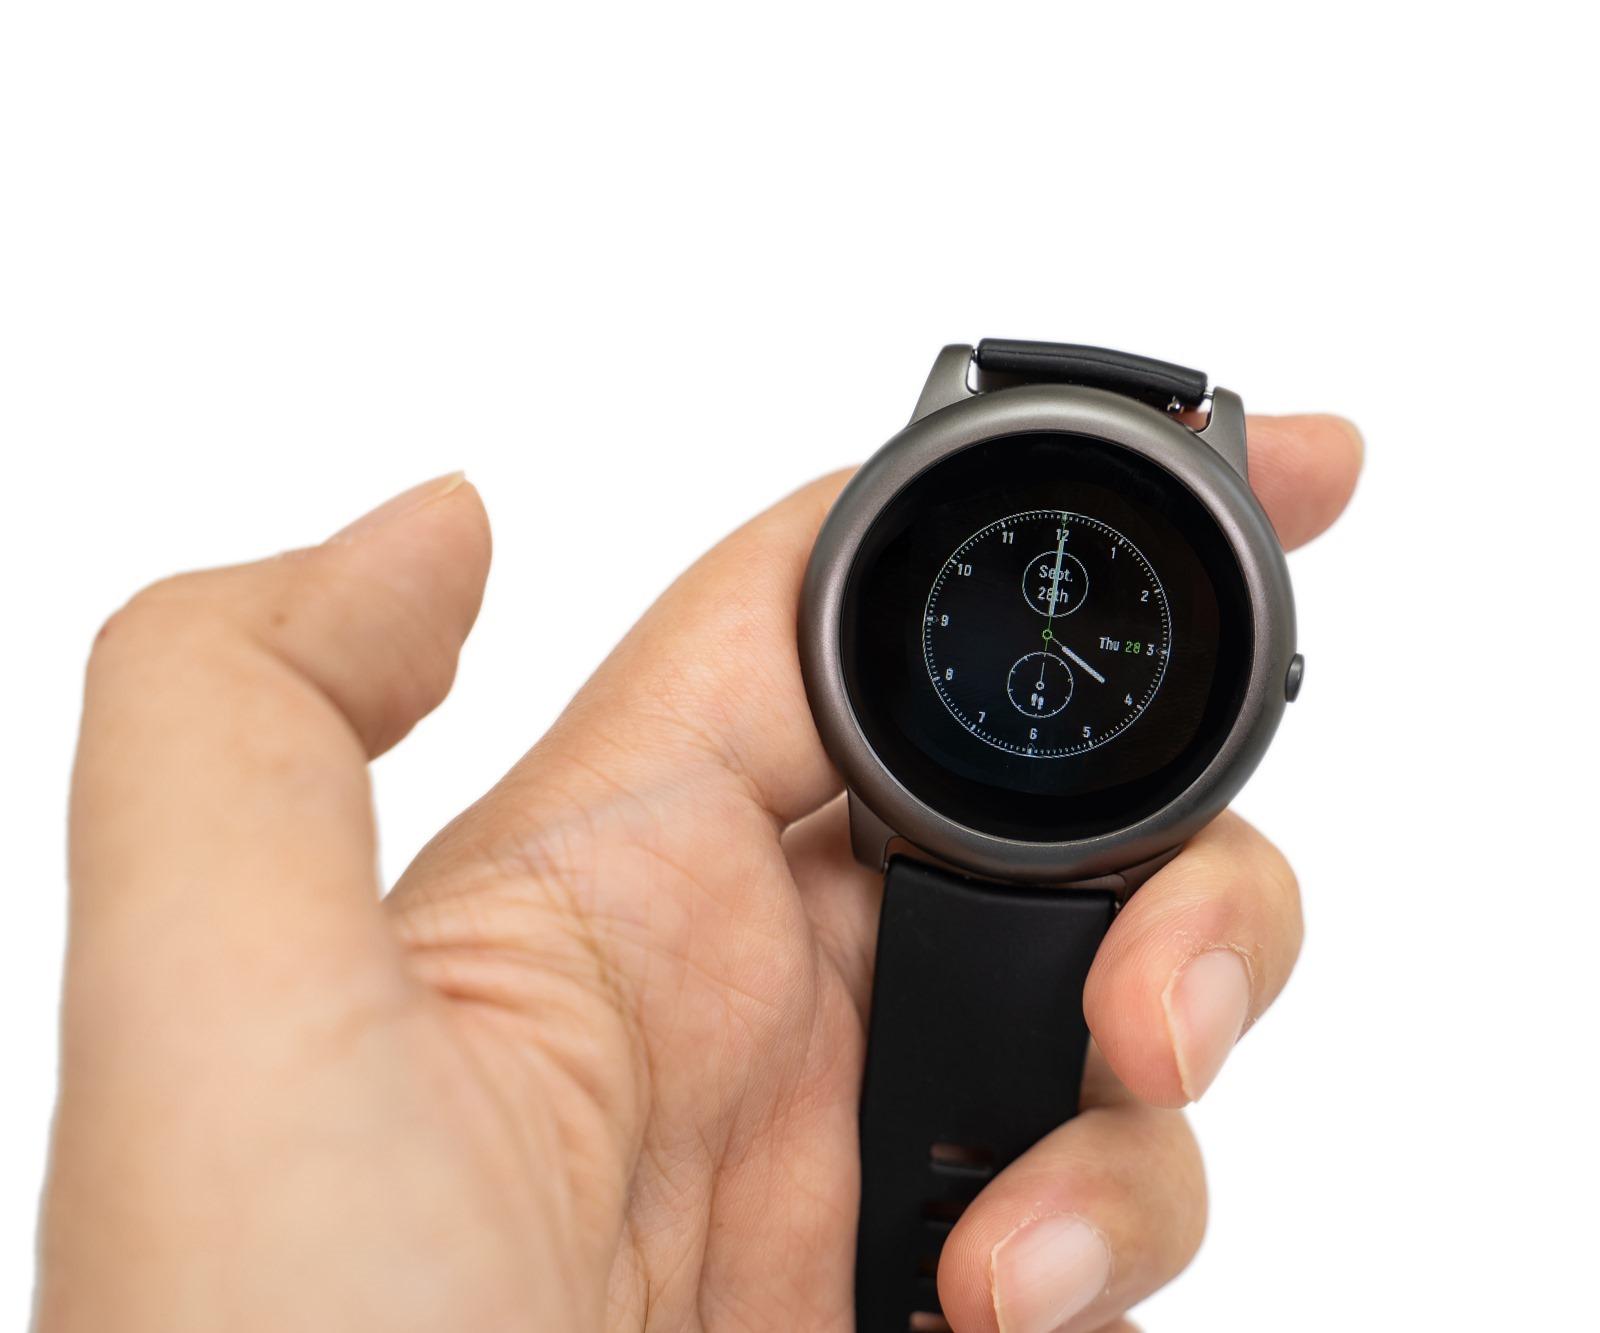 史上超高性價比智慧錶!Haylou Solar 智慧手錶開箱 (親和力價格 / 雙系統支援 / 30 天續航) @3C 達人廖阿輝